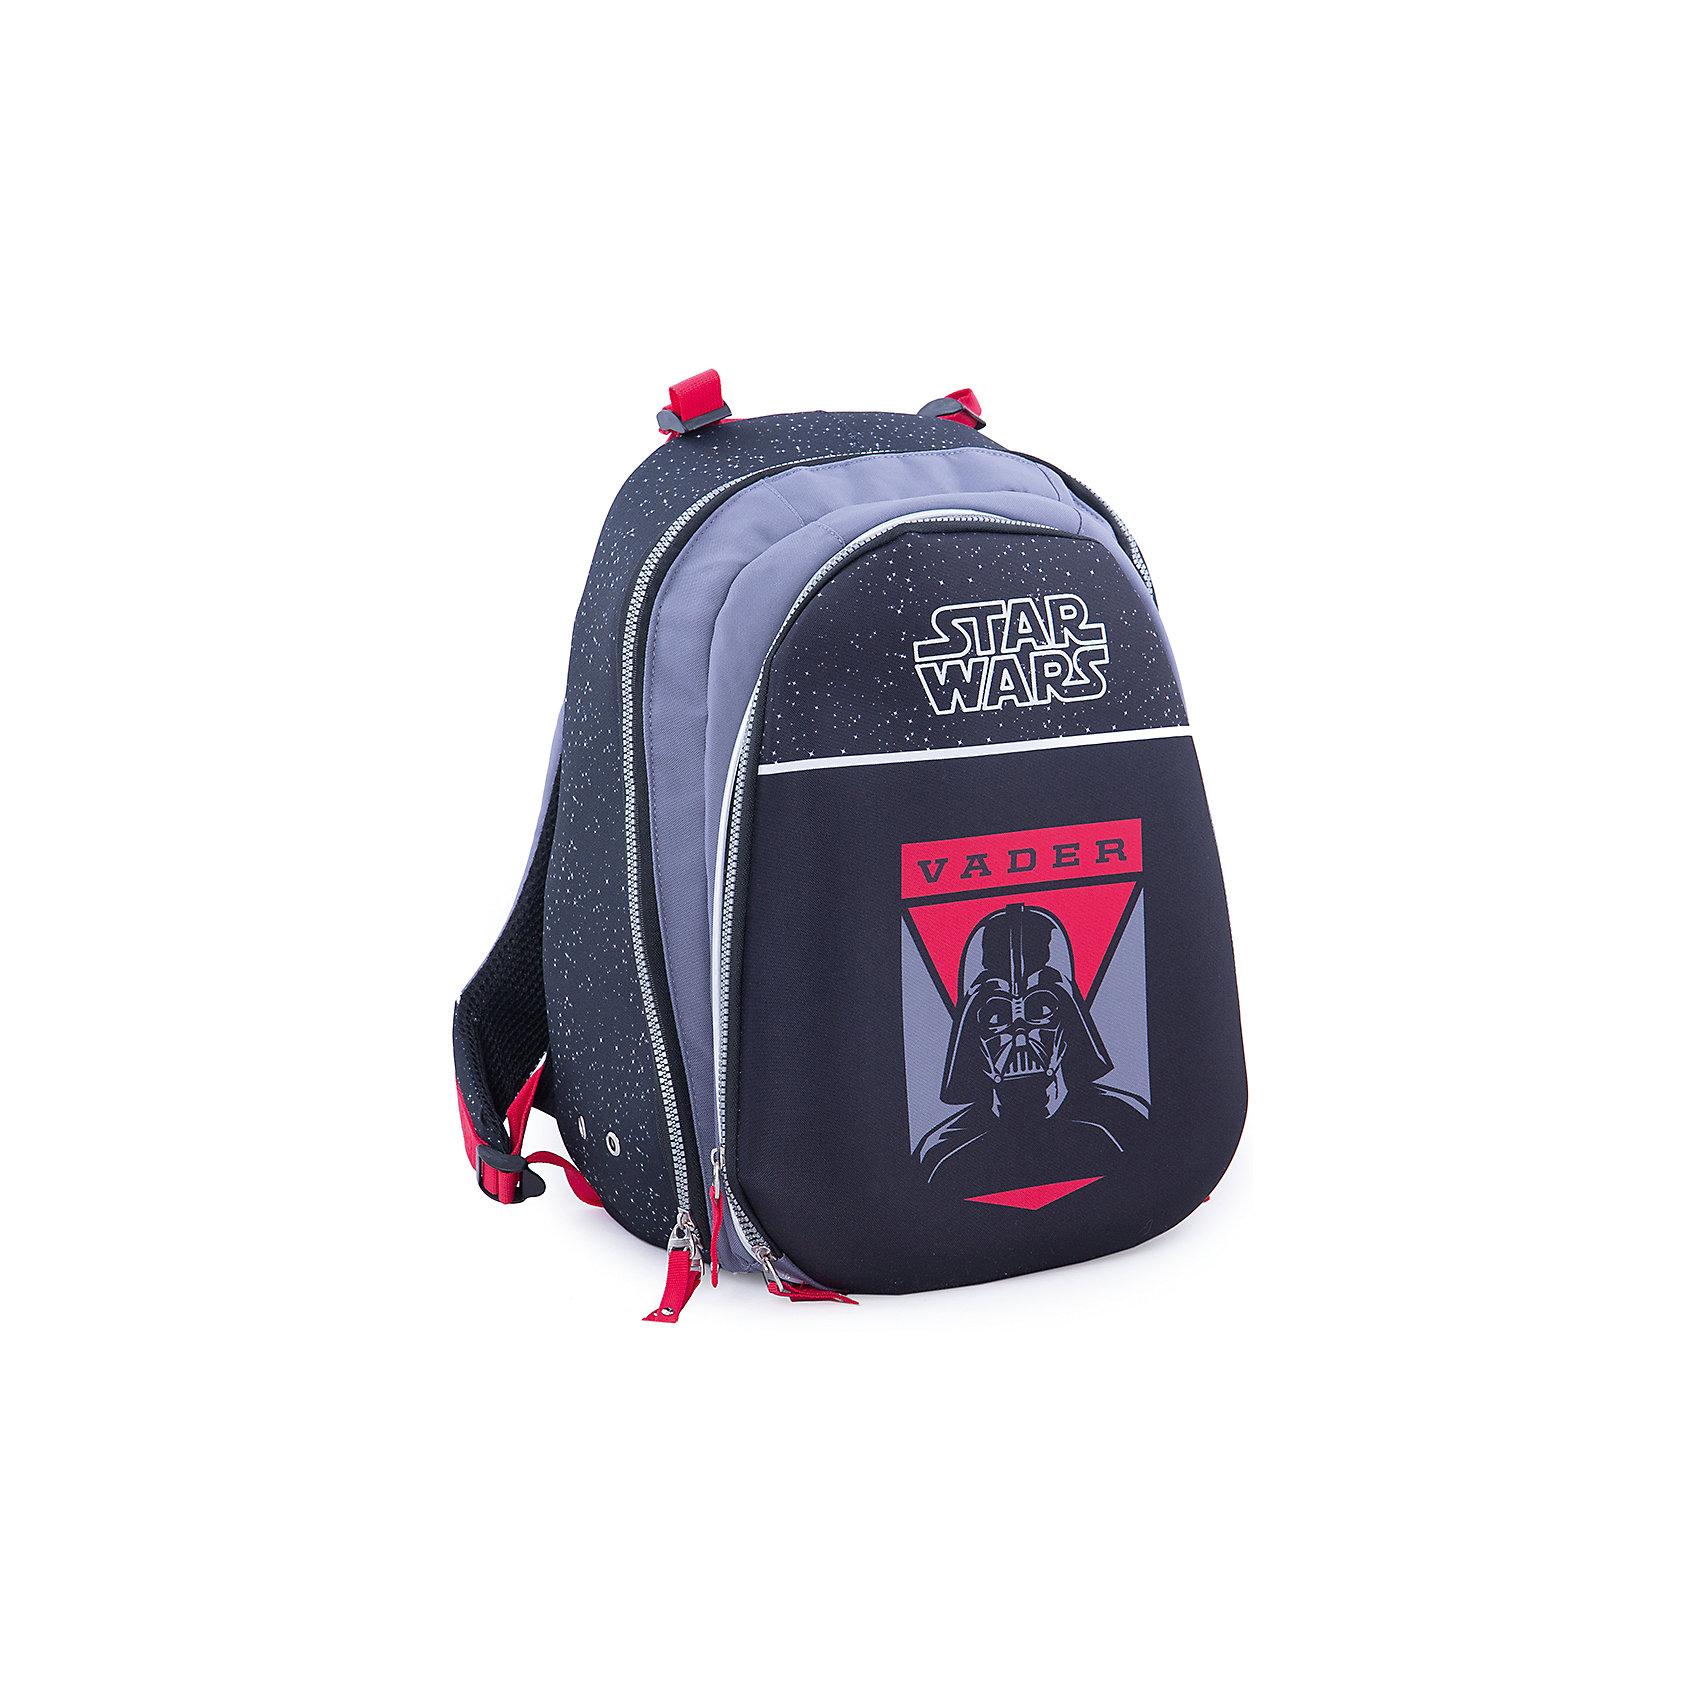 Эргономичный рюкзак Дарт Вейдер, Звездные войныРюкзаки<br>Рюкзак с эргономичной спинкой Дарт Вейдер, Звездные войны – это вместительный рюкзак, отличный подарок поклонникам вселенной Star Wars!<br>Удобный рюкзак с эргономичной спинкой выполнен из полиэстера черного и красного цветов и оформлен оригинальным рисунком с изображением Темного Лорда Дарта Вейдера. Твердая спинка рюкзака с мягкими анатомическими вставками выполнена из воздухопроницаемого материала. Широкие мягкие регулируемые анатомические лямки позволяют снизить нагрузку на плечи. Имеется удобная ручка для переноски и светоотражающие вставки. Рюкзак оснащен одним основным отделением, закрывающимся на застежку-молнию. На внешней стороне расположен вместительный накладной карман на застежке-молнии, содержащий шесть накладных кармашков, а также два кармашка для ручек и карандашей.<br><br>Дополнительная информация:<br><br>- Материал: полиэстер<br>- Размер: 42 х 30 х 23 см.<br>- Вес: 955 гр.<br><br>Рюкзак с эргономичной спинкой Дарт Вейдер, Звездные войны можно купить в нашем интернет-магазине.<br><br>Ширина мм: 420<br>Глубина мм: 23<br>Высота мм: 30<br>Вес г: 1348<br>Возраст от месяцев: 132<br>Возраст до месяцев: 204<br>Пол: Мужской<br>Возраст: Детский<br>SKU: 4426625